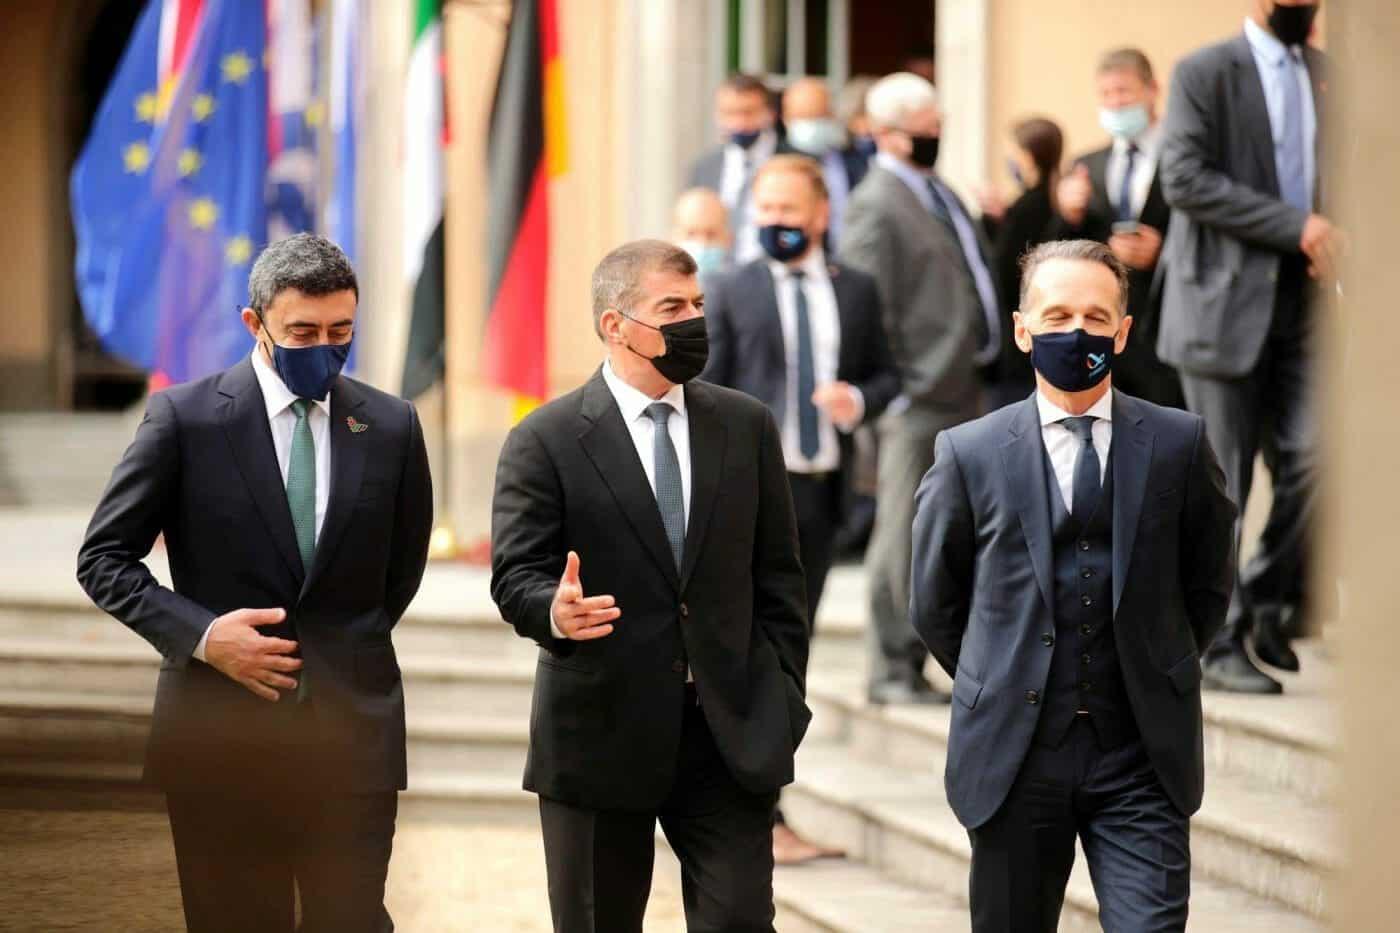 """إسرائيل تكشف عن اتفاقيات جديدة ستوقعها مع الإمارات الأسبوع المقبل و""""الشكر موصول"""" لـ محمد بن زايد"""